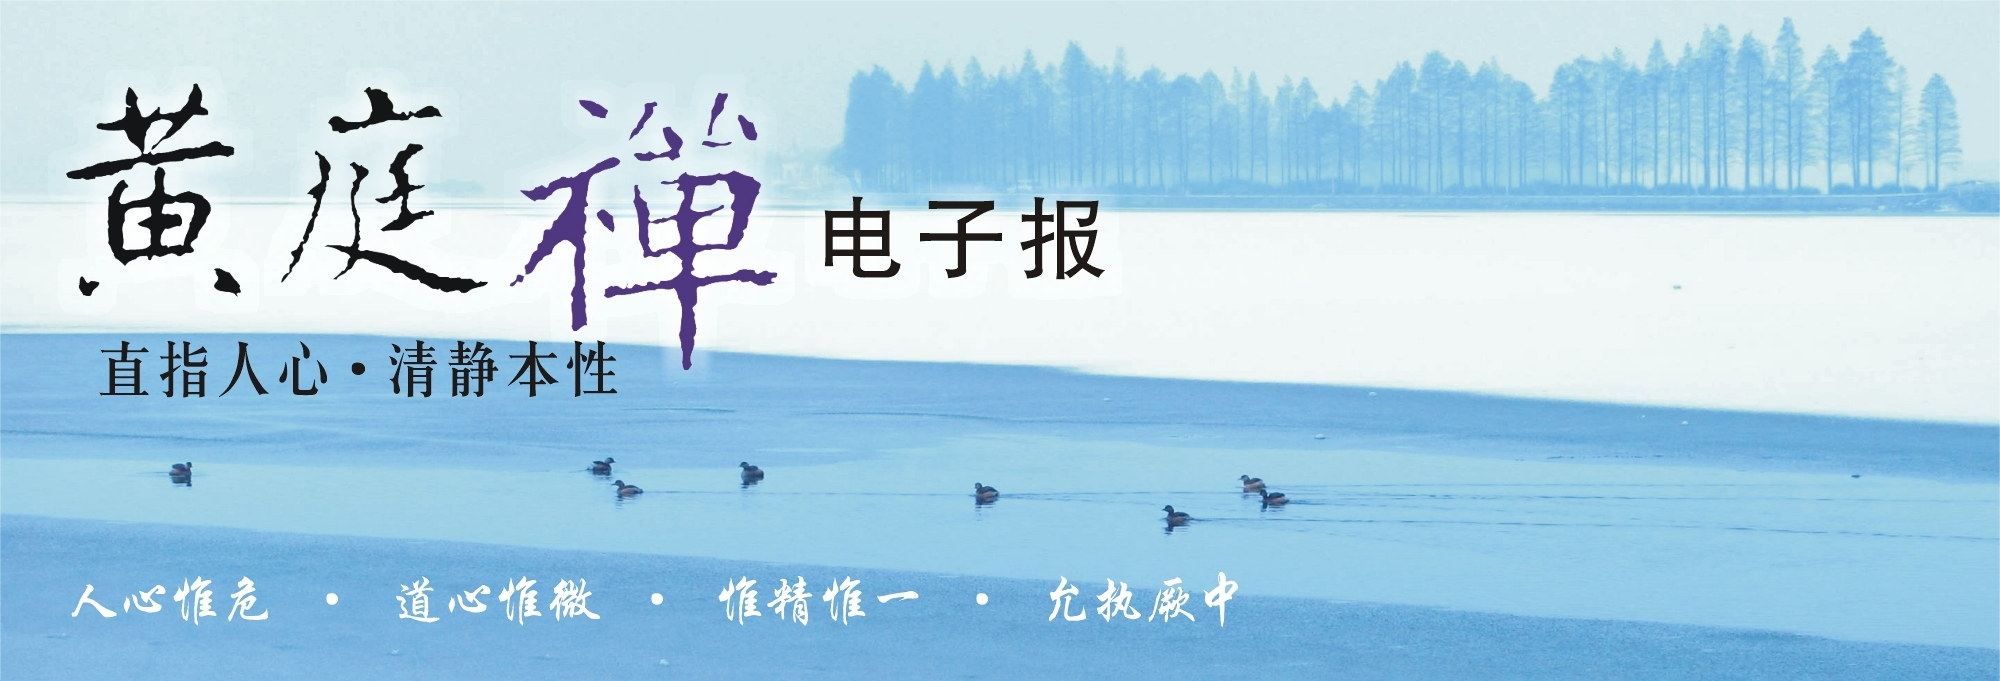 中华黄庭禅学会2017.01.11电子报